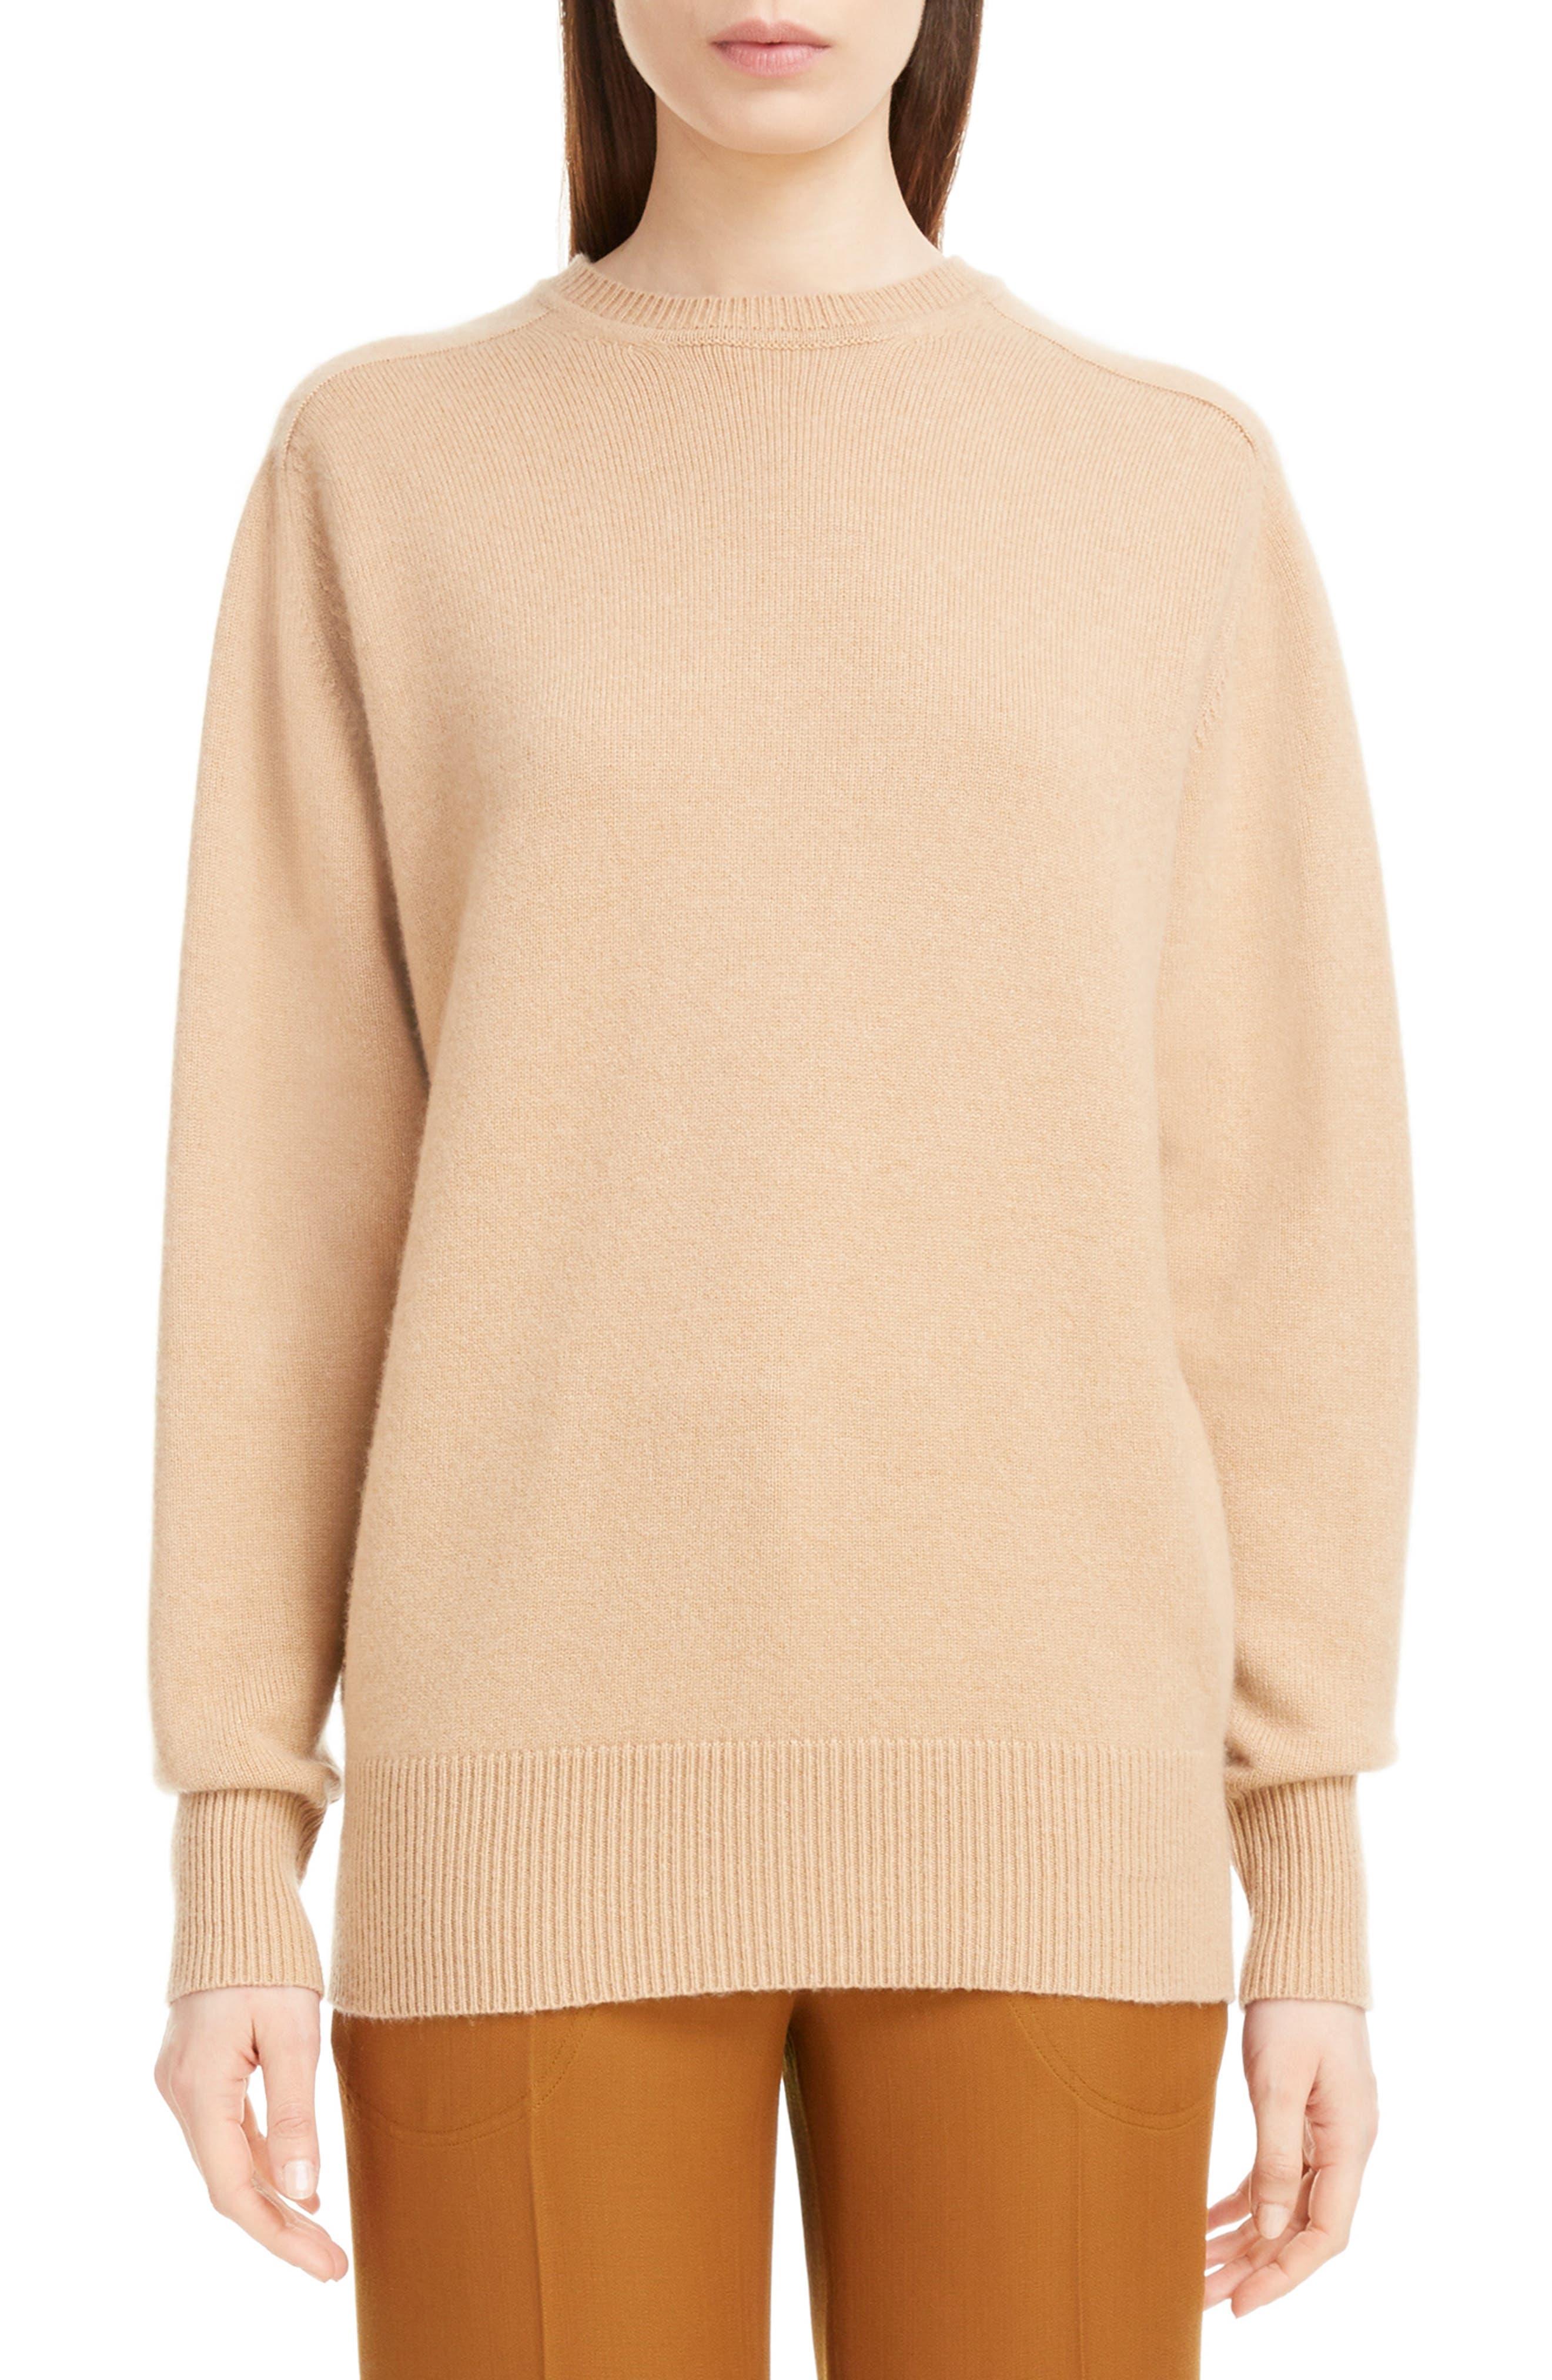 Cashmere Blend Sweater in Neutrals